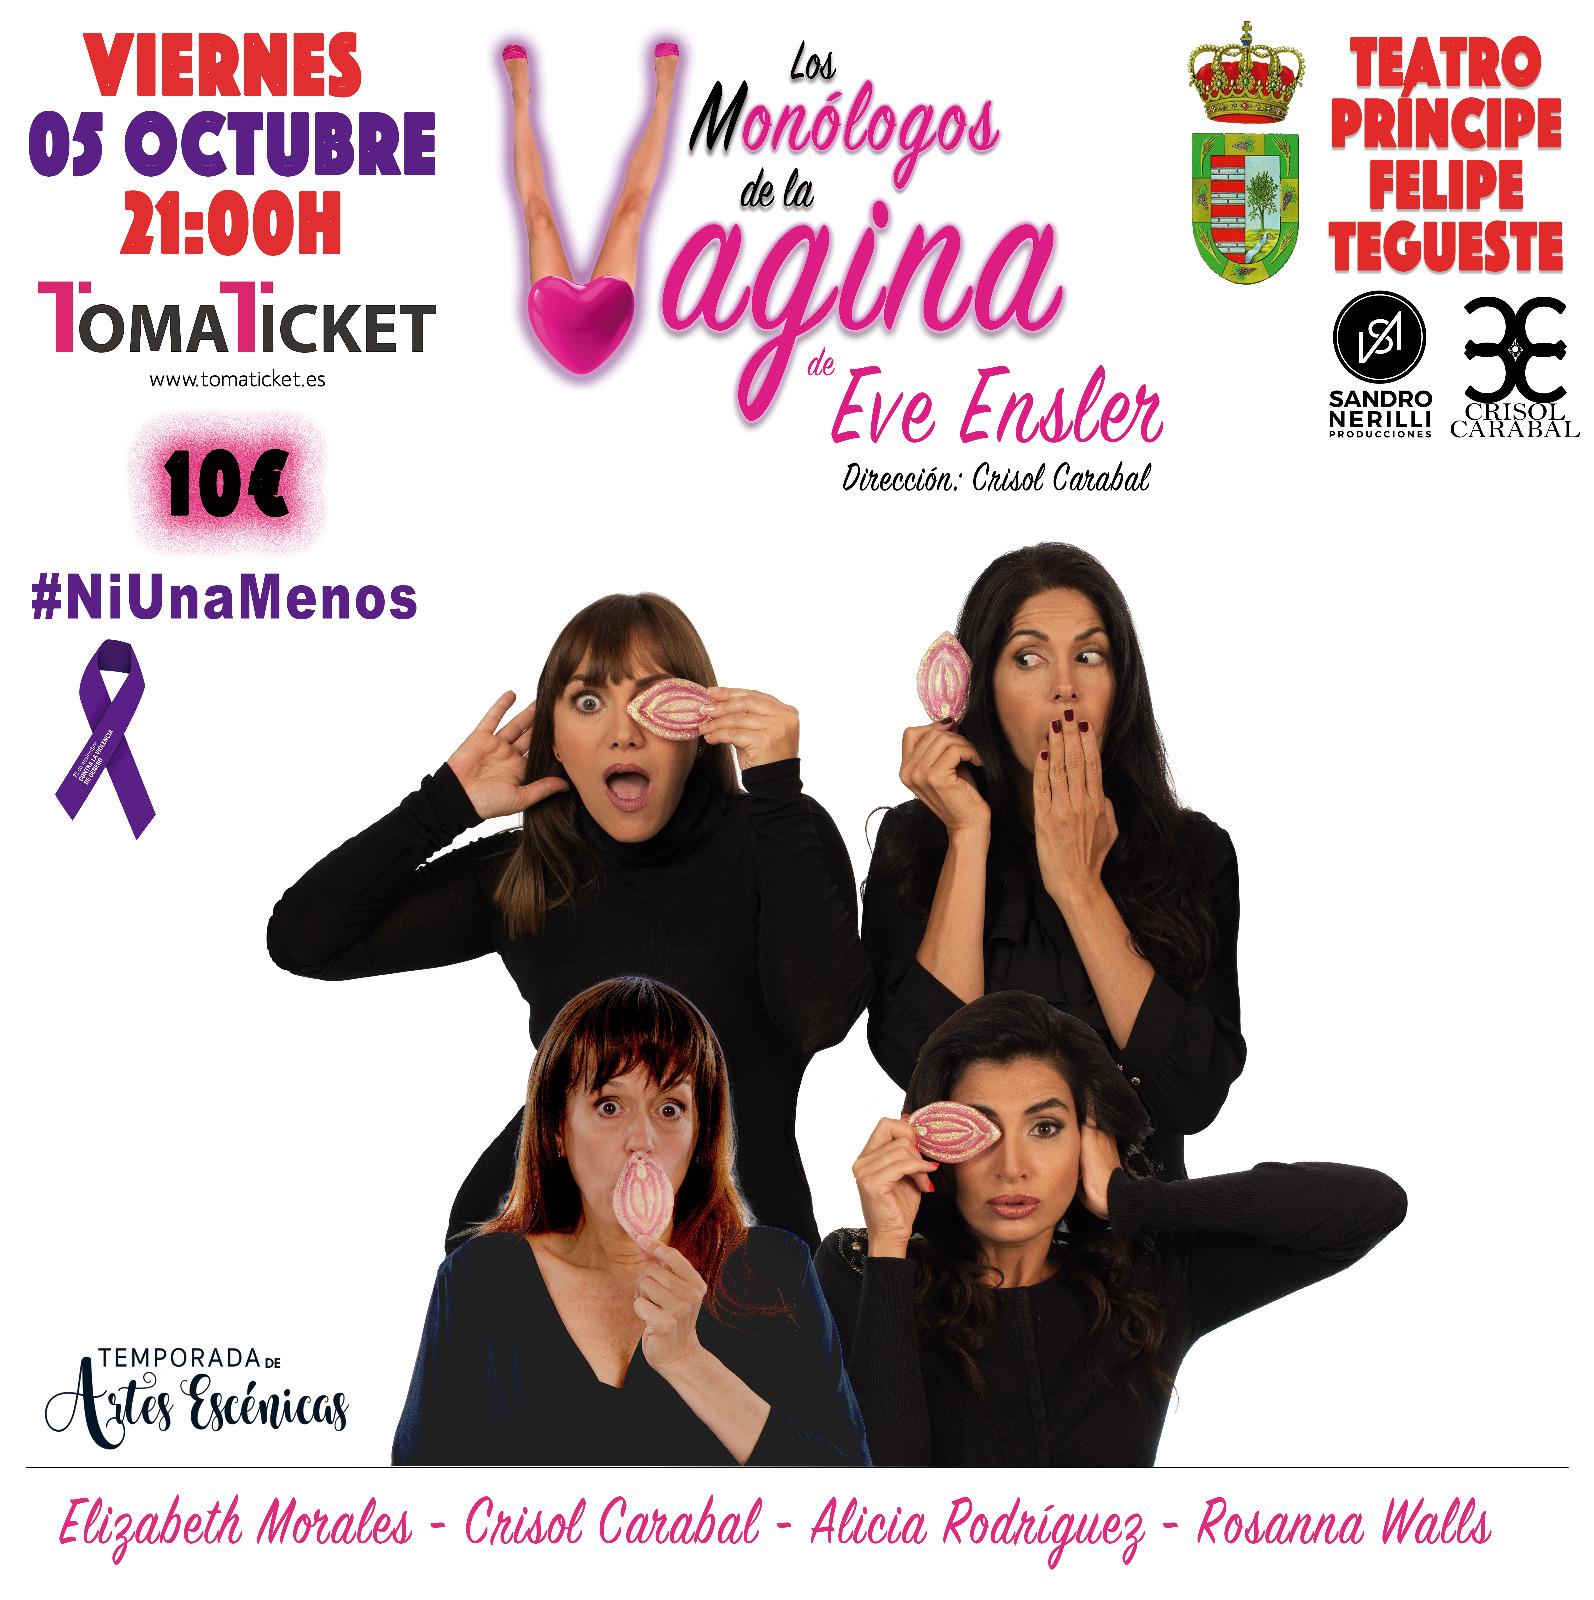 Este Viernes Tegueste Acoge Los Monologos De La Vagina Infotegueste